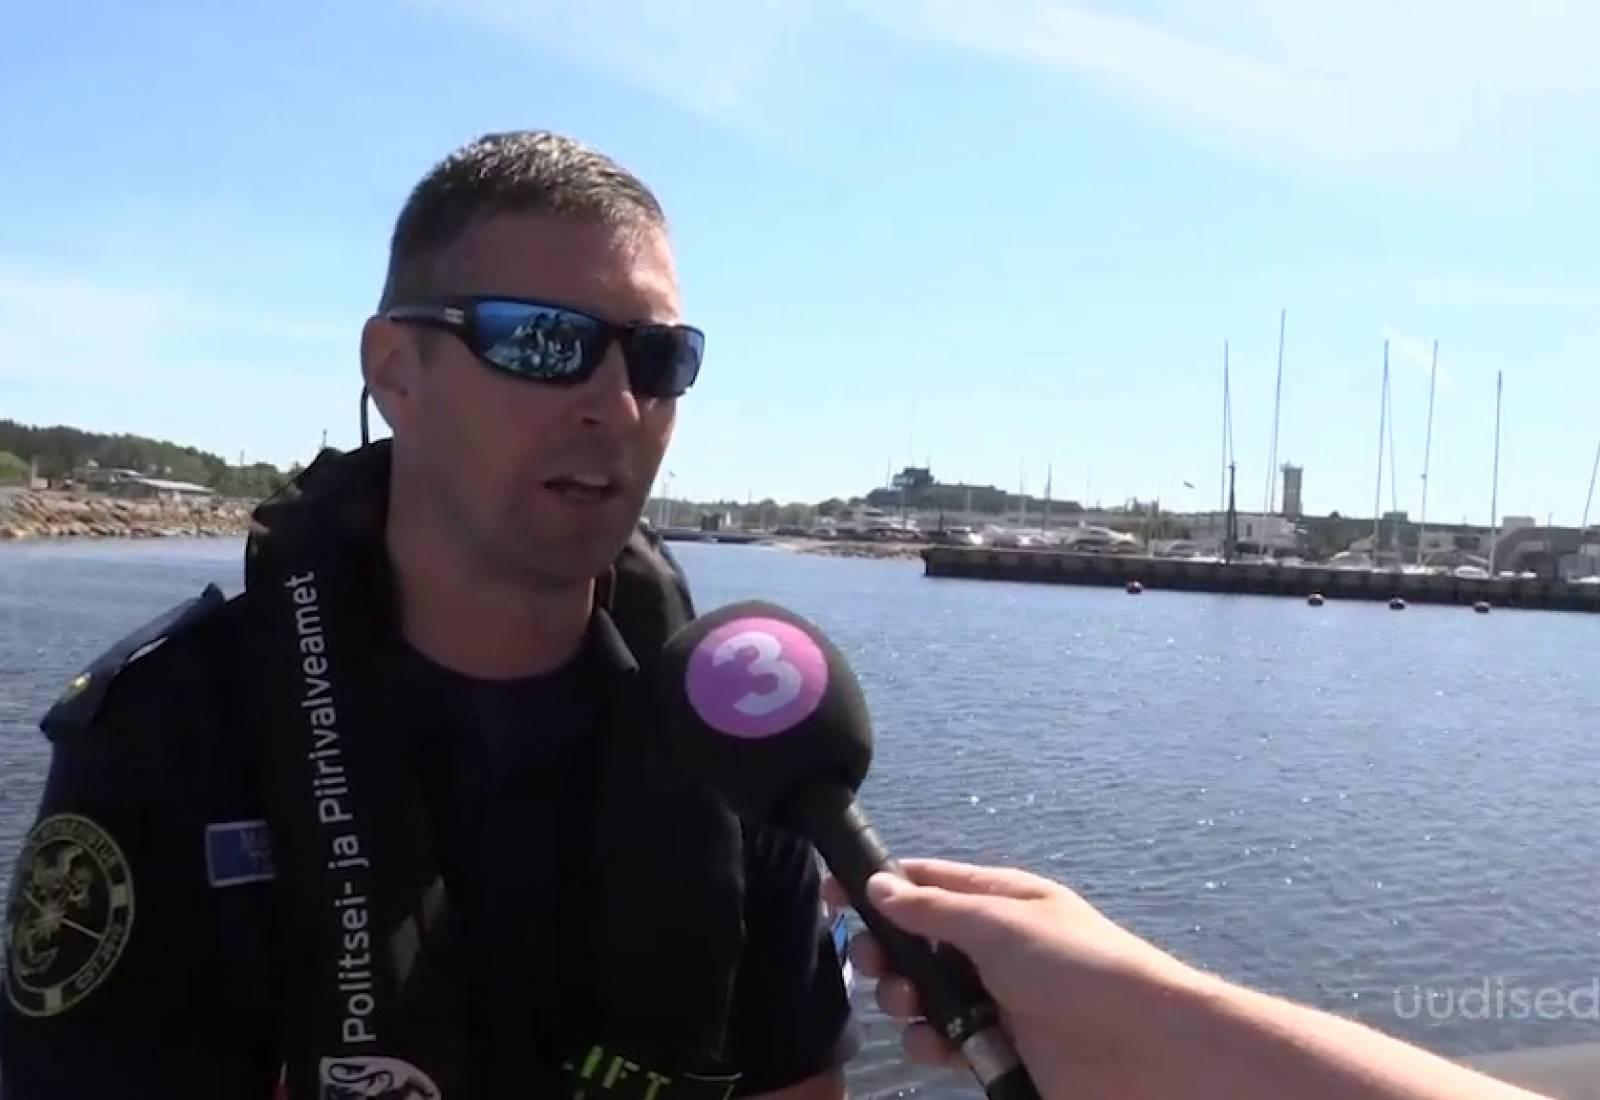 TV3 VIDEO! Soovitus supitajatele ehk aerusurfi harrastajatele